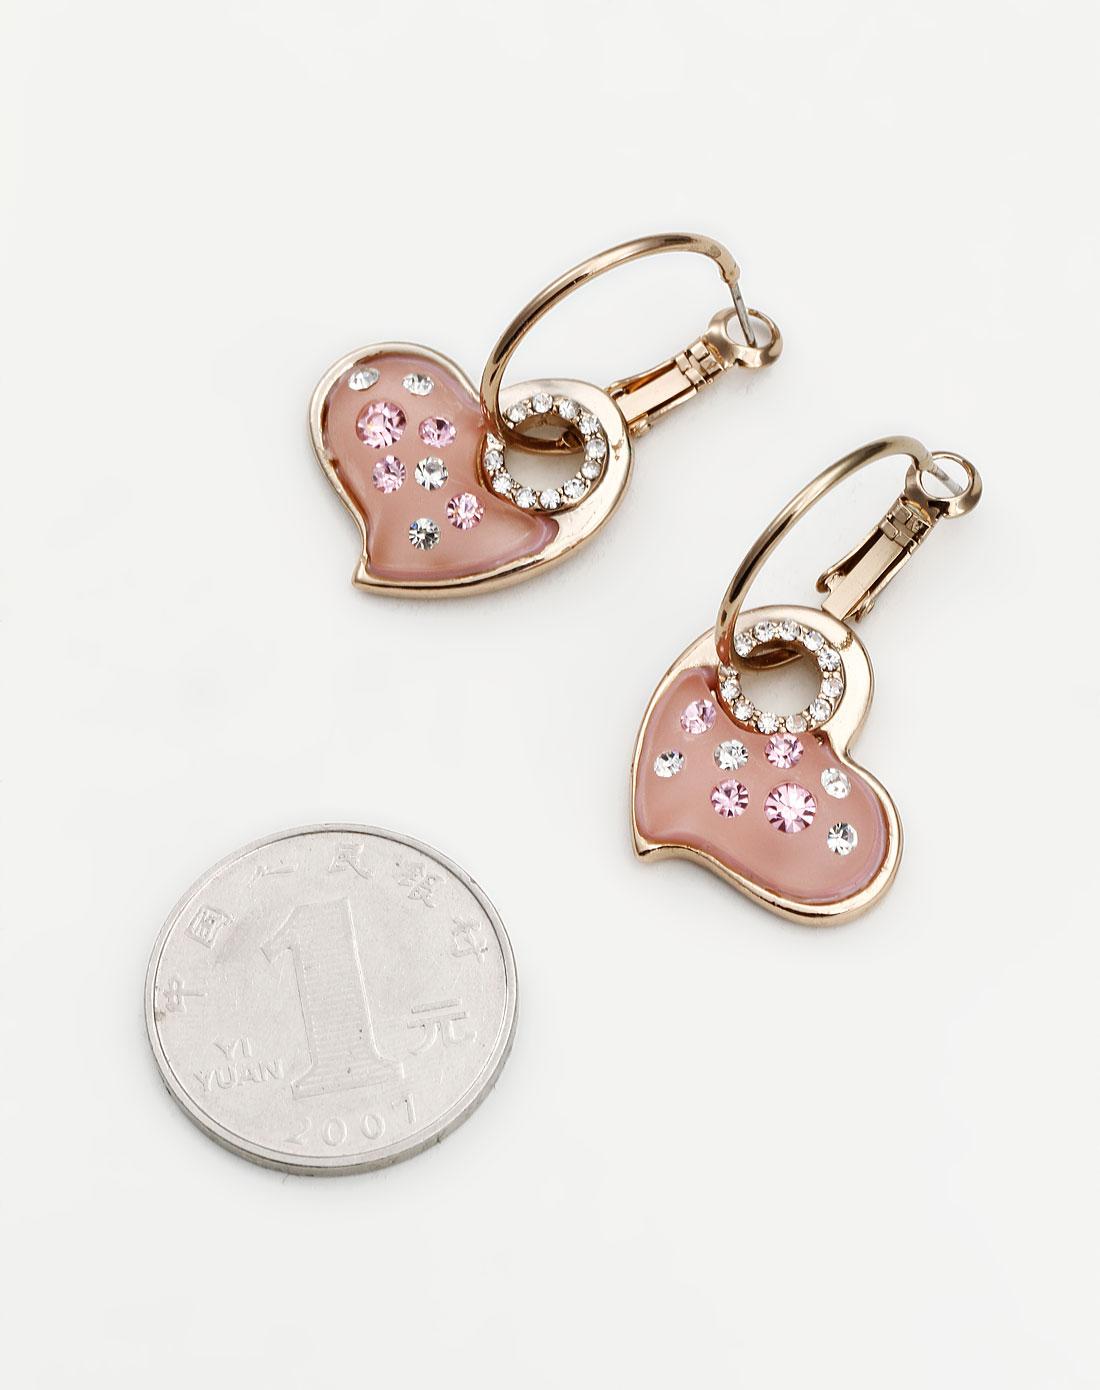 威妮华viennois饰品专场-粉/金色可爱心形耳环